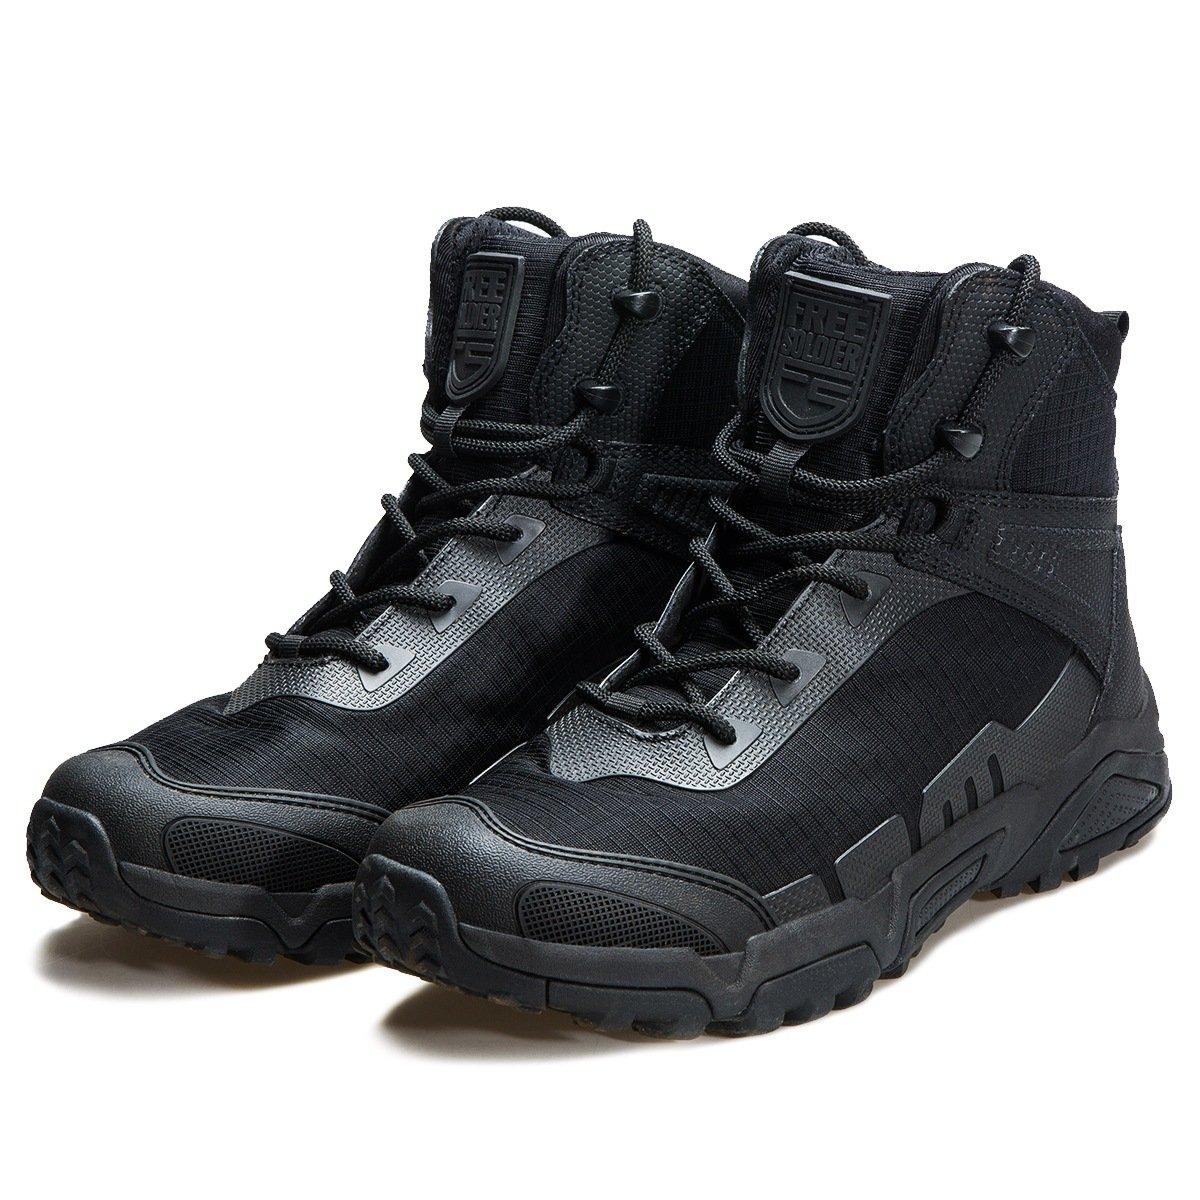 FREE SOLDIER Botas de Escalada para Hombre de Media Caña, con Cordones, duraderas y Transpirables F&S Ltd.